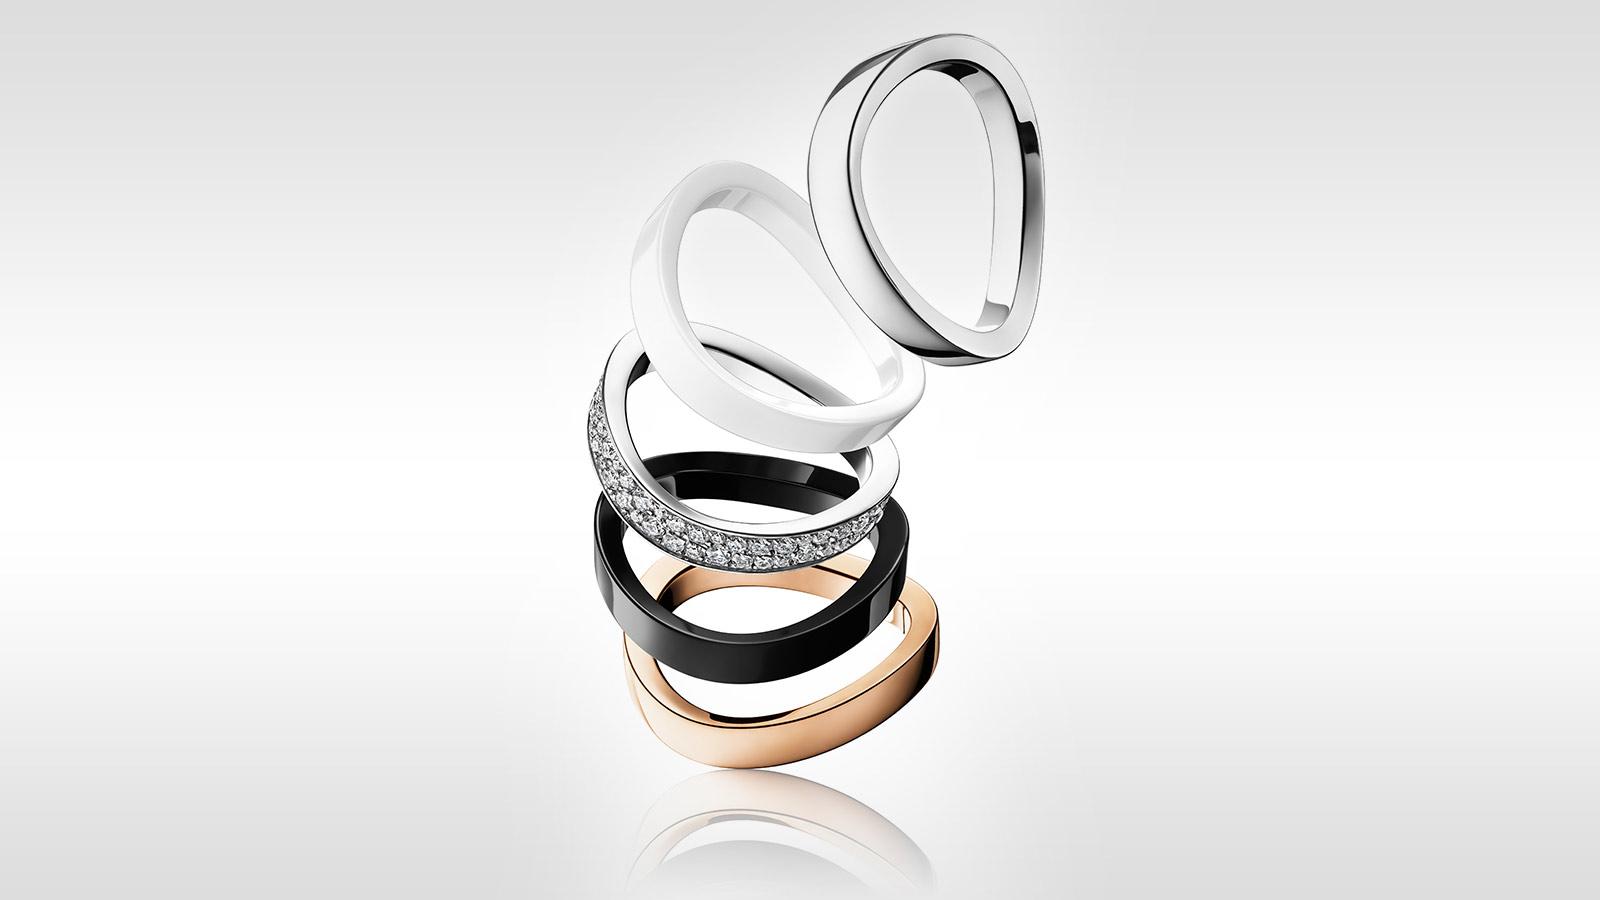 AQUA SWING系列 戒指 AQUA SWING系列 戒指 - R43CRA05081XX - 查看 2